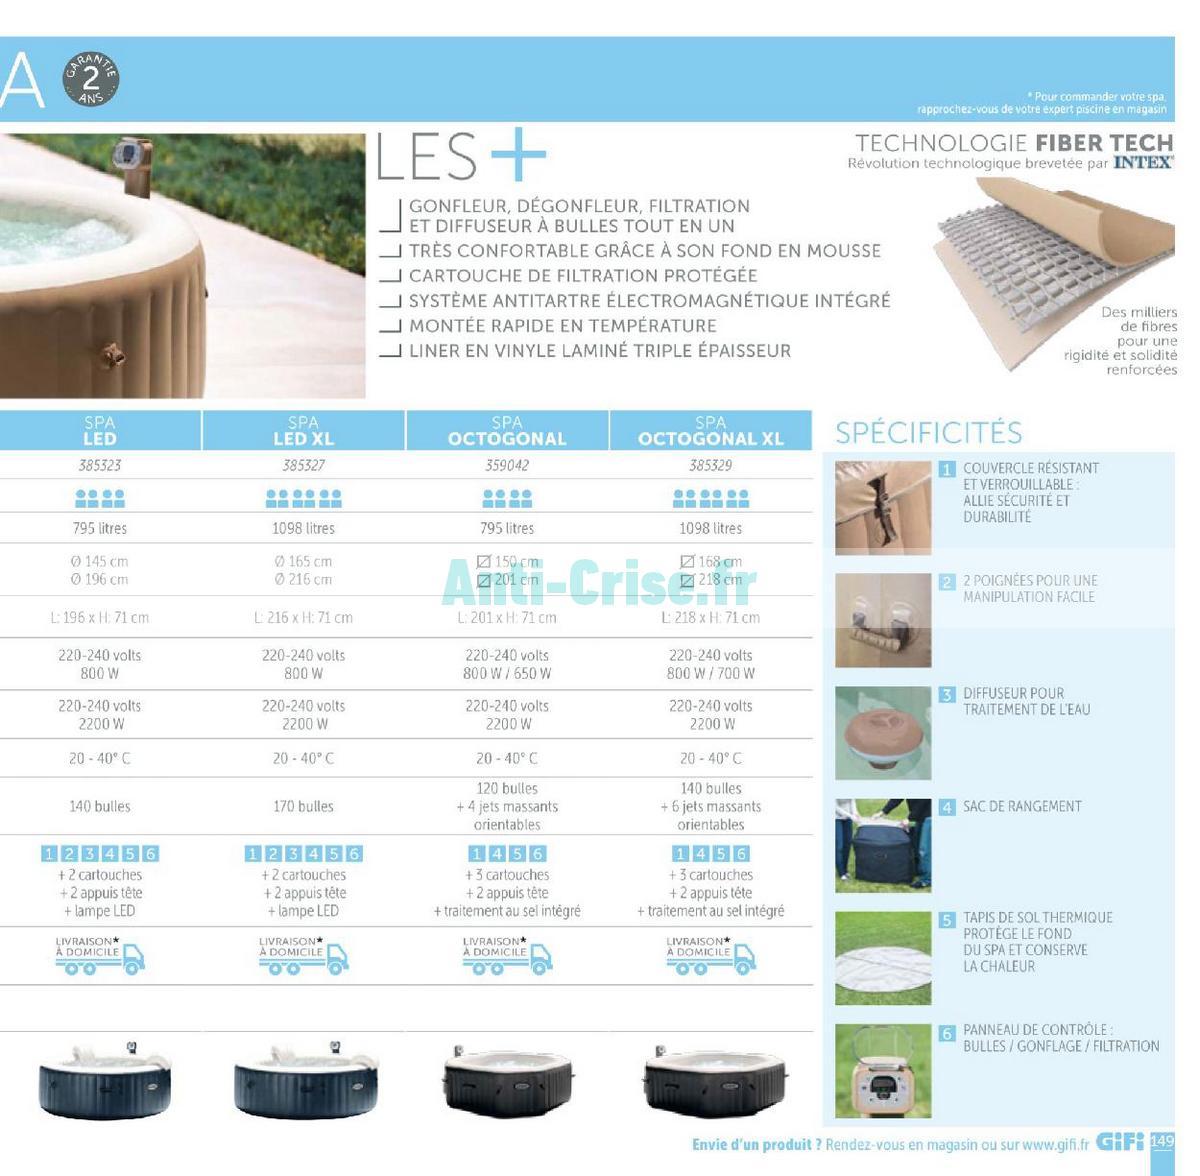 aout2018 Catalogue Gifi du 1er mai au 31 août 2018 (Plein Air) (149)